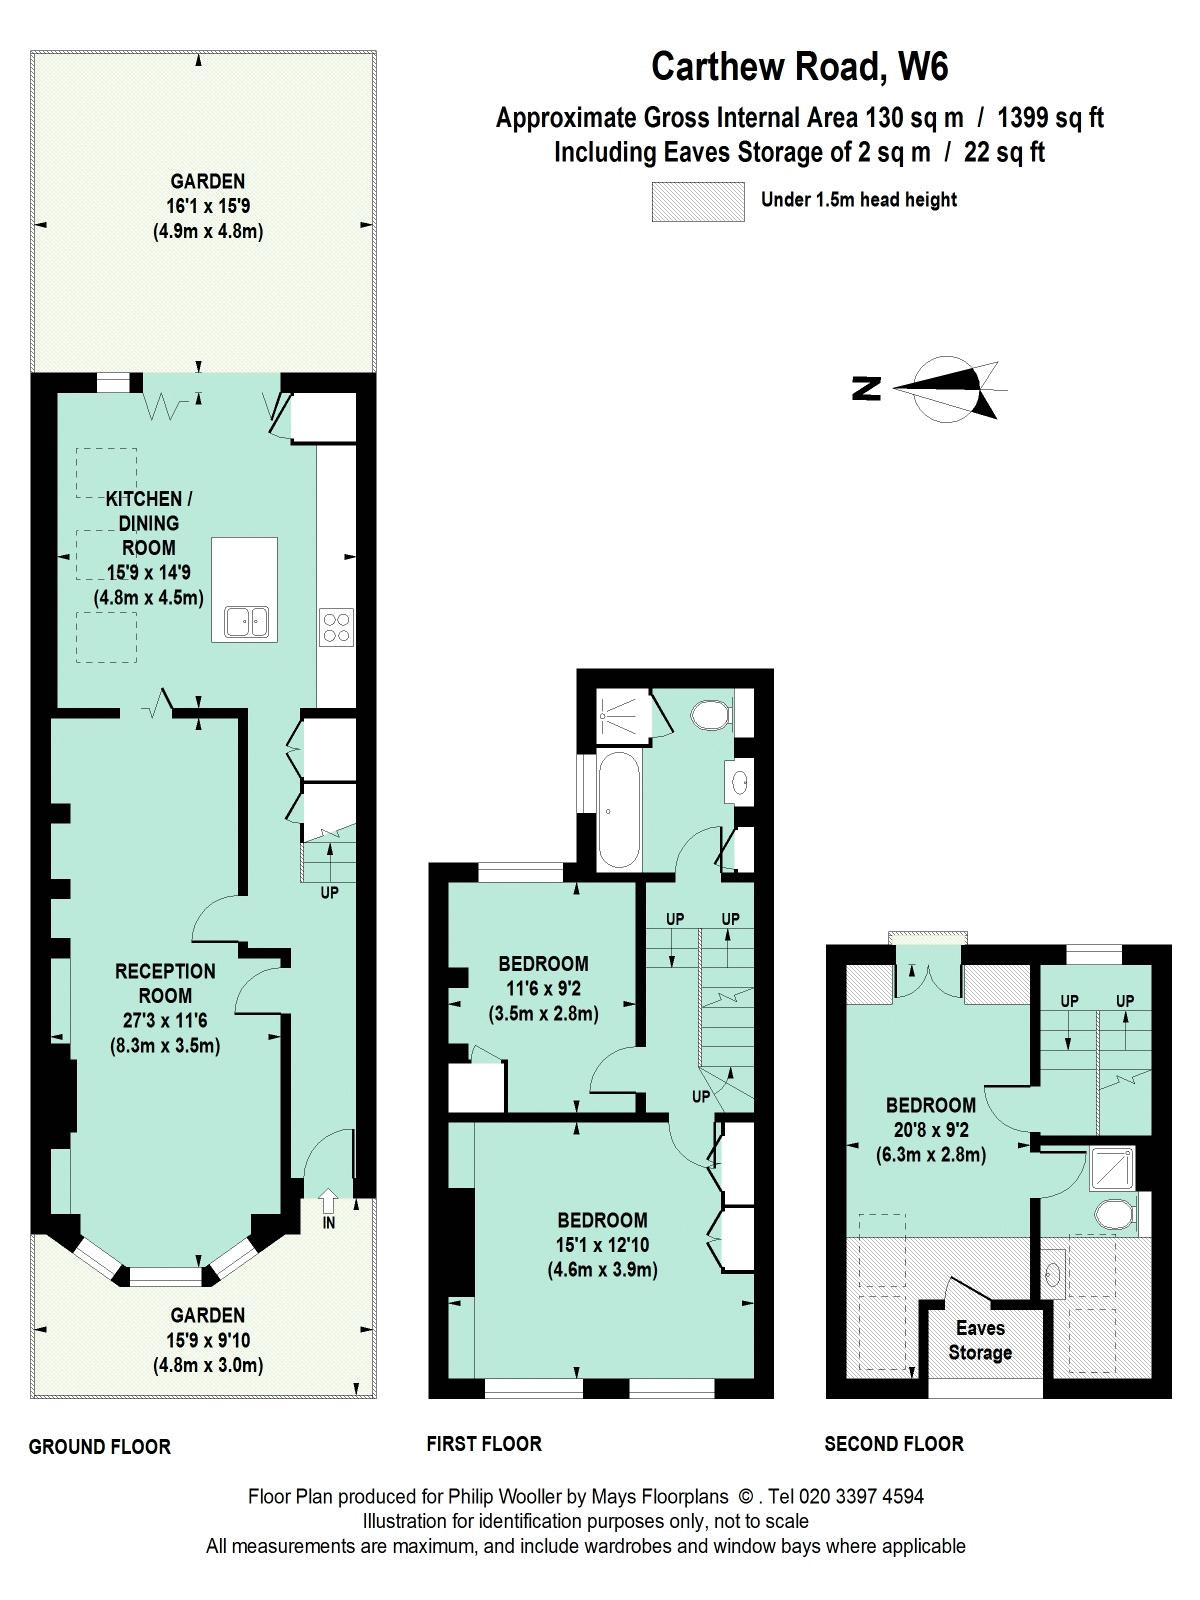 floorplan-image